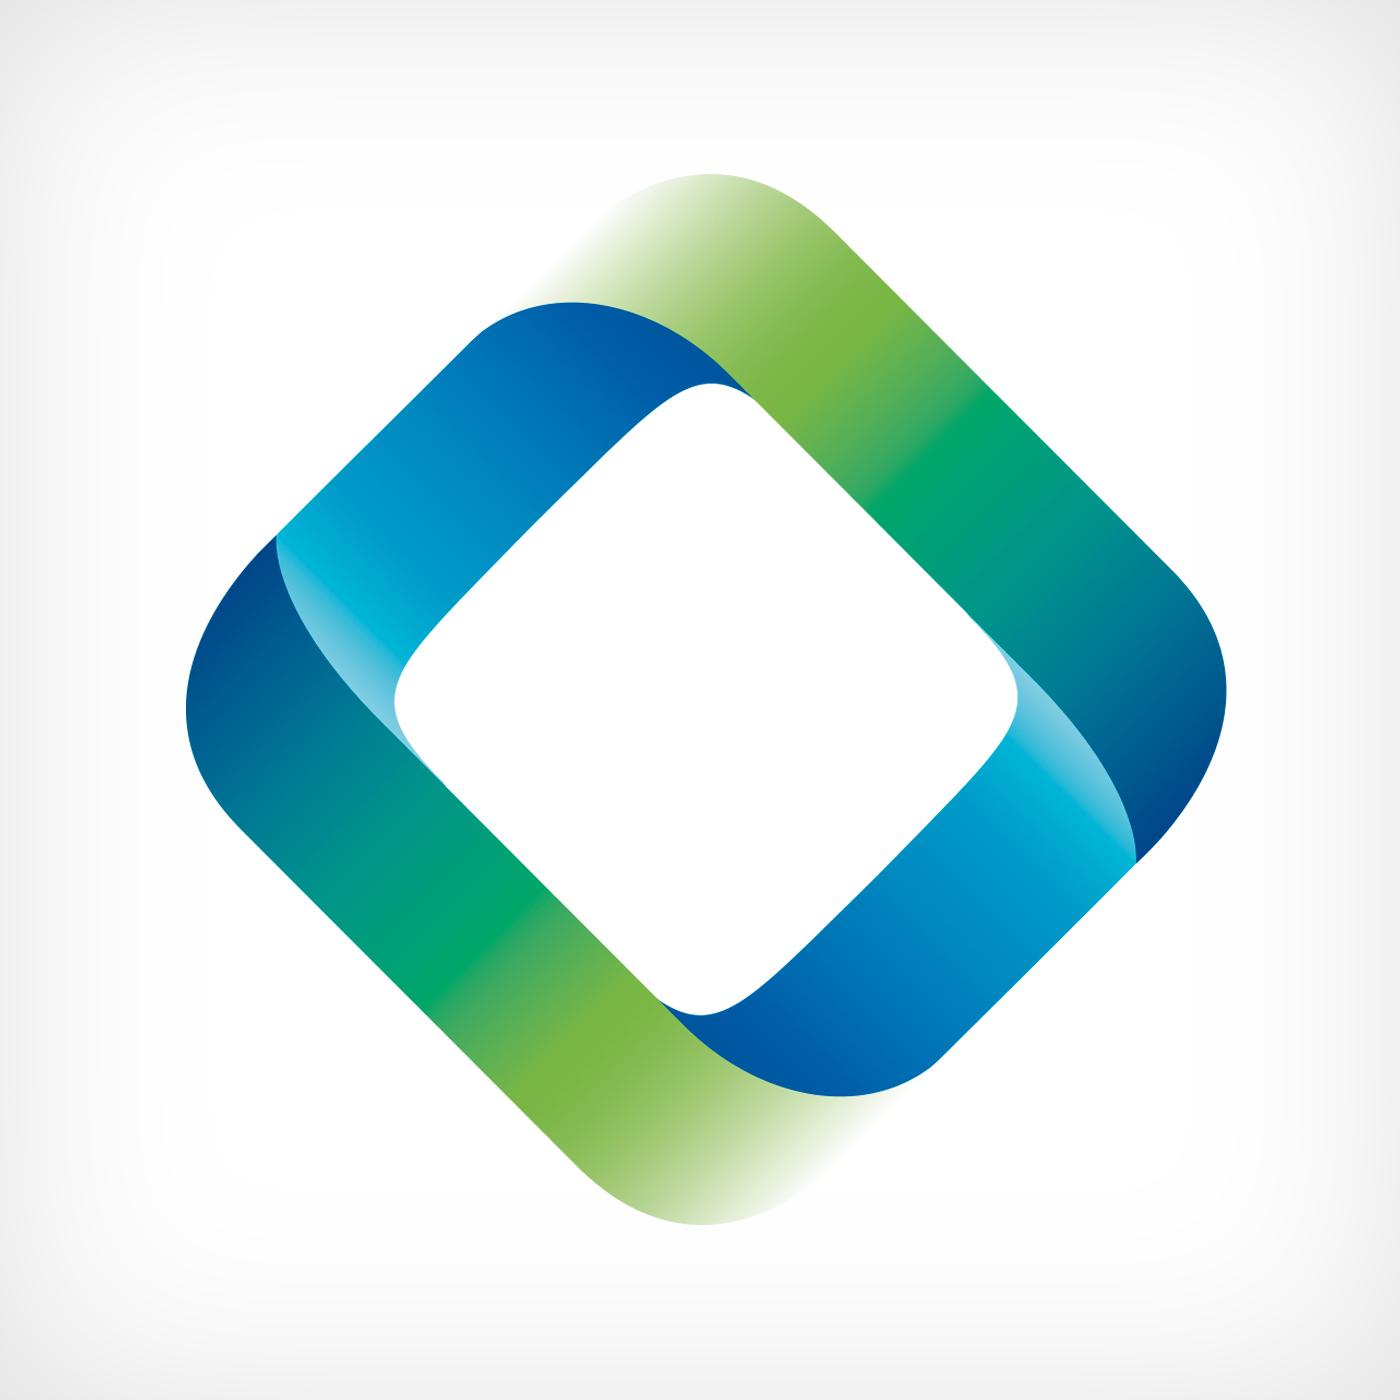 Logo Sispark Property Management China - Graphic Design Mirko Neri